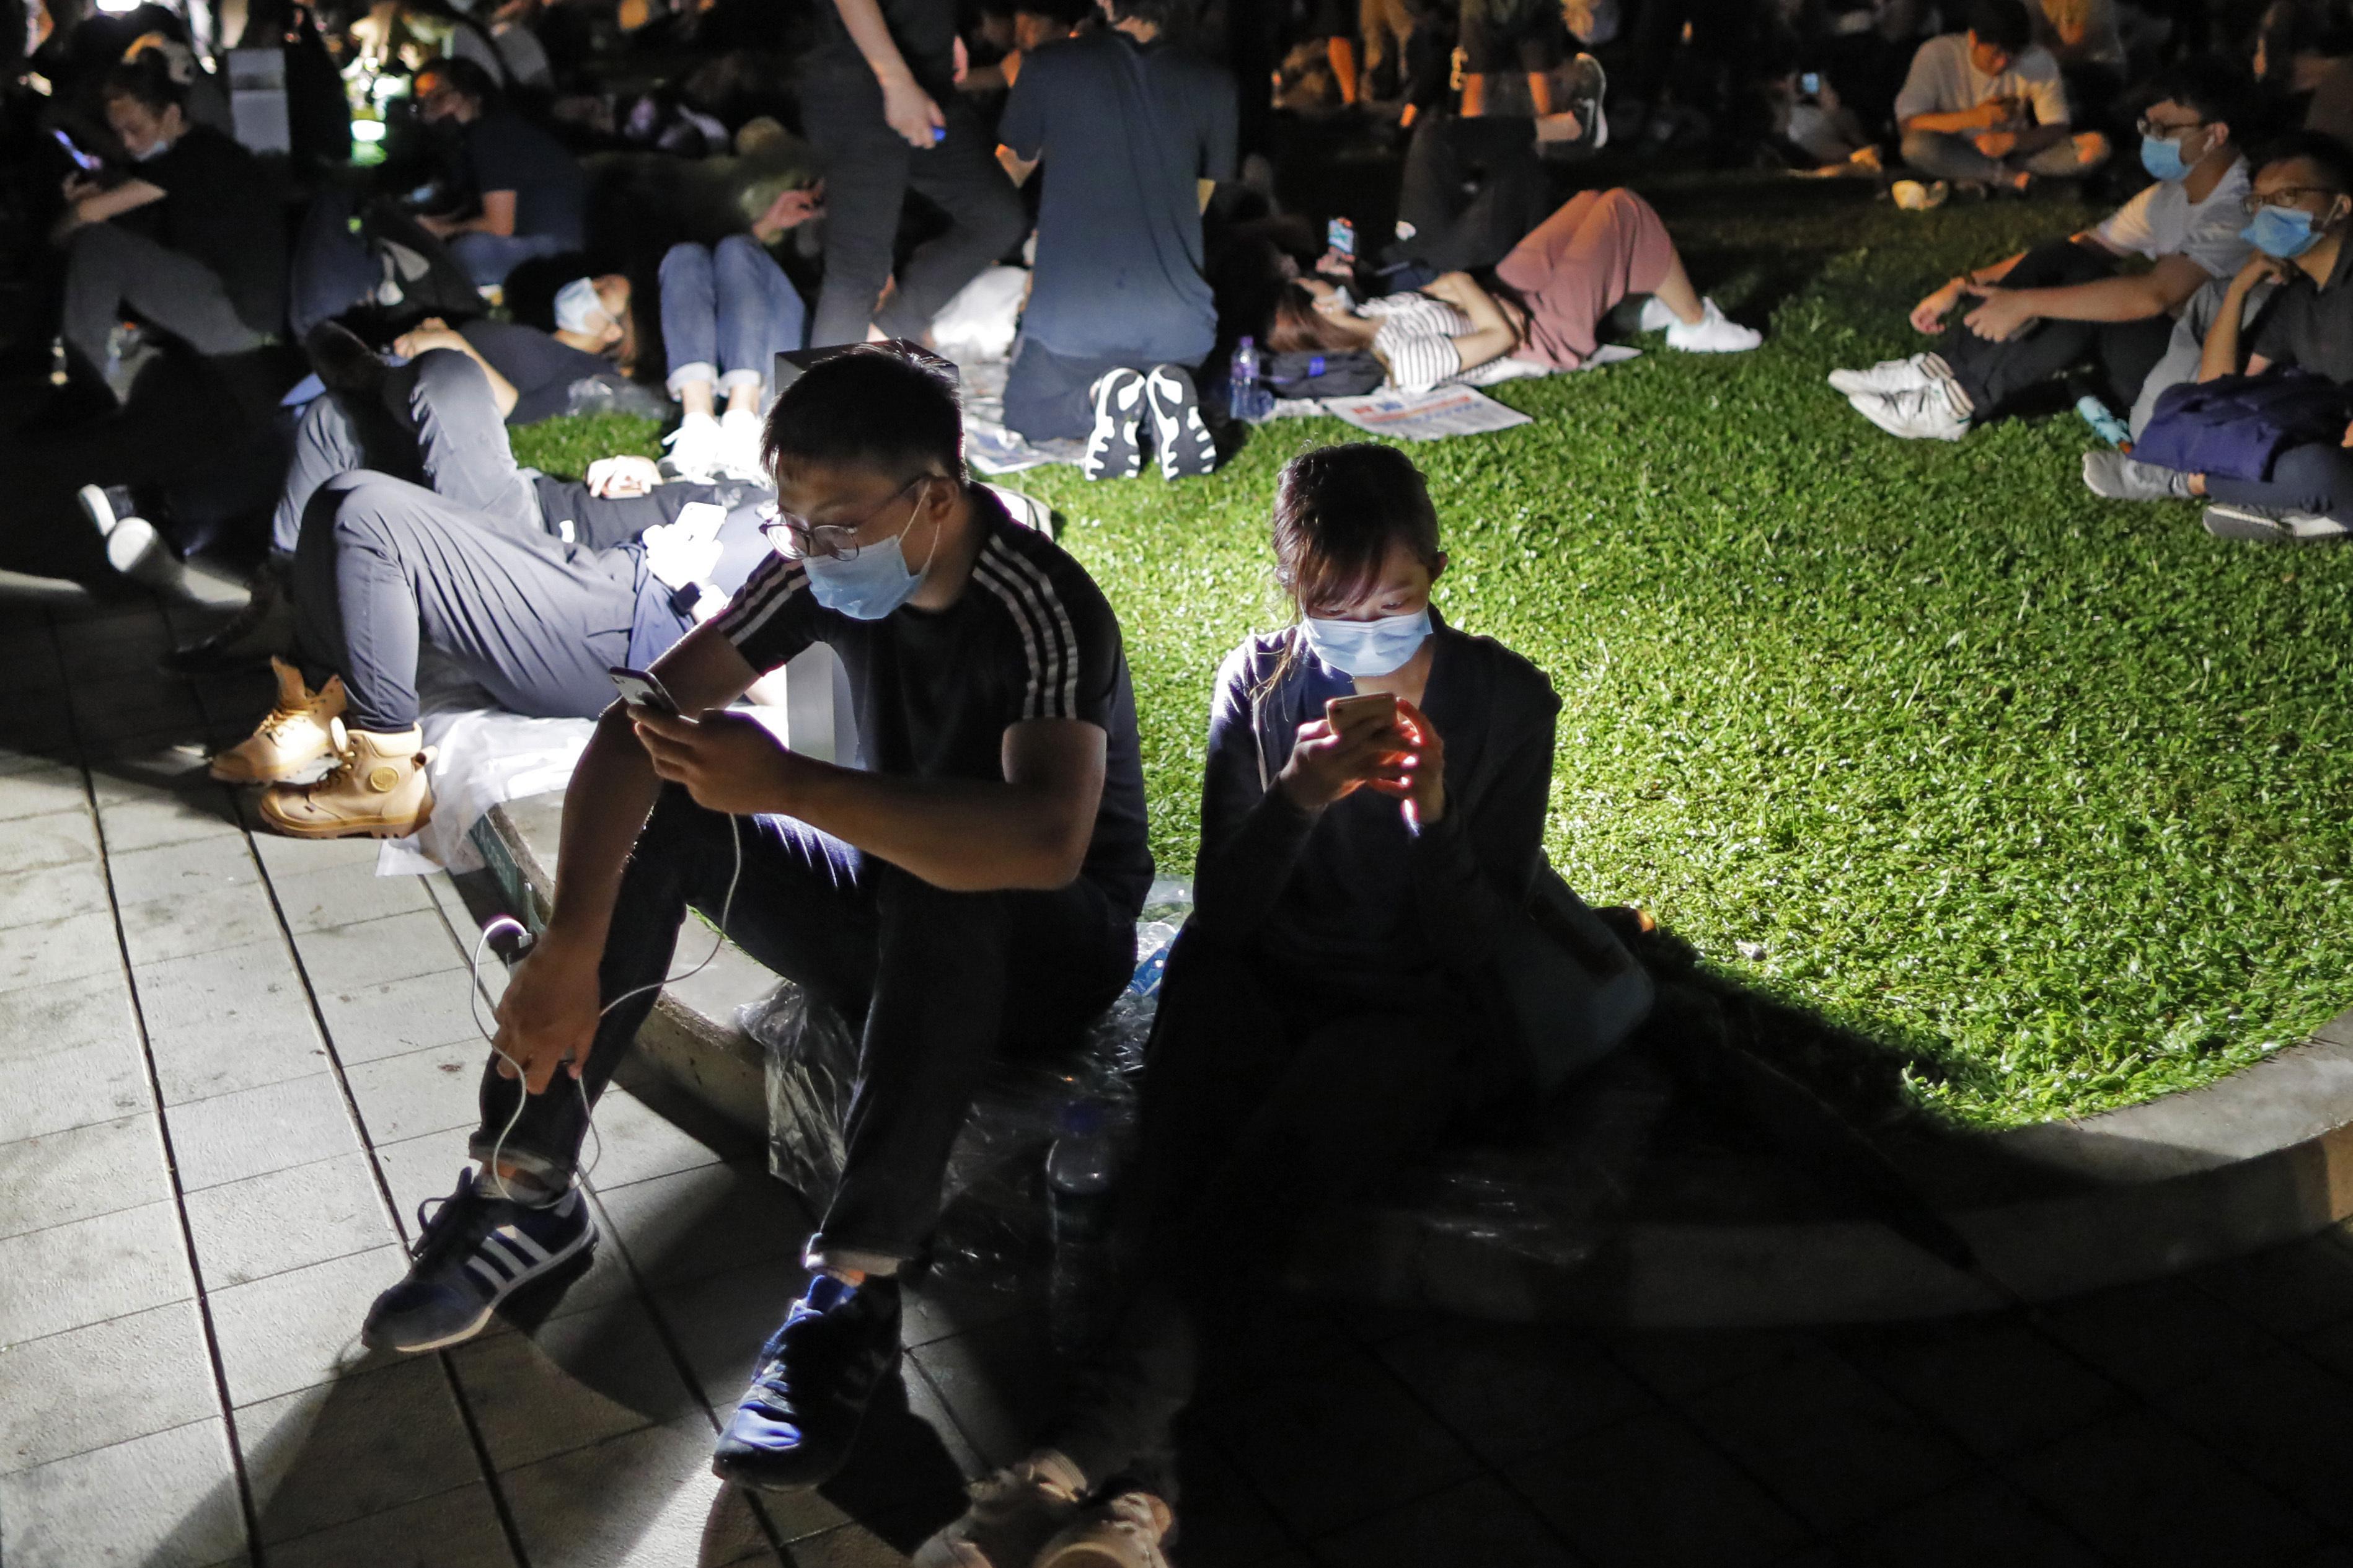 Hong Kong protesters use signals, Post-its to hone skills